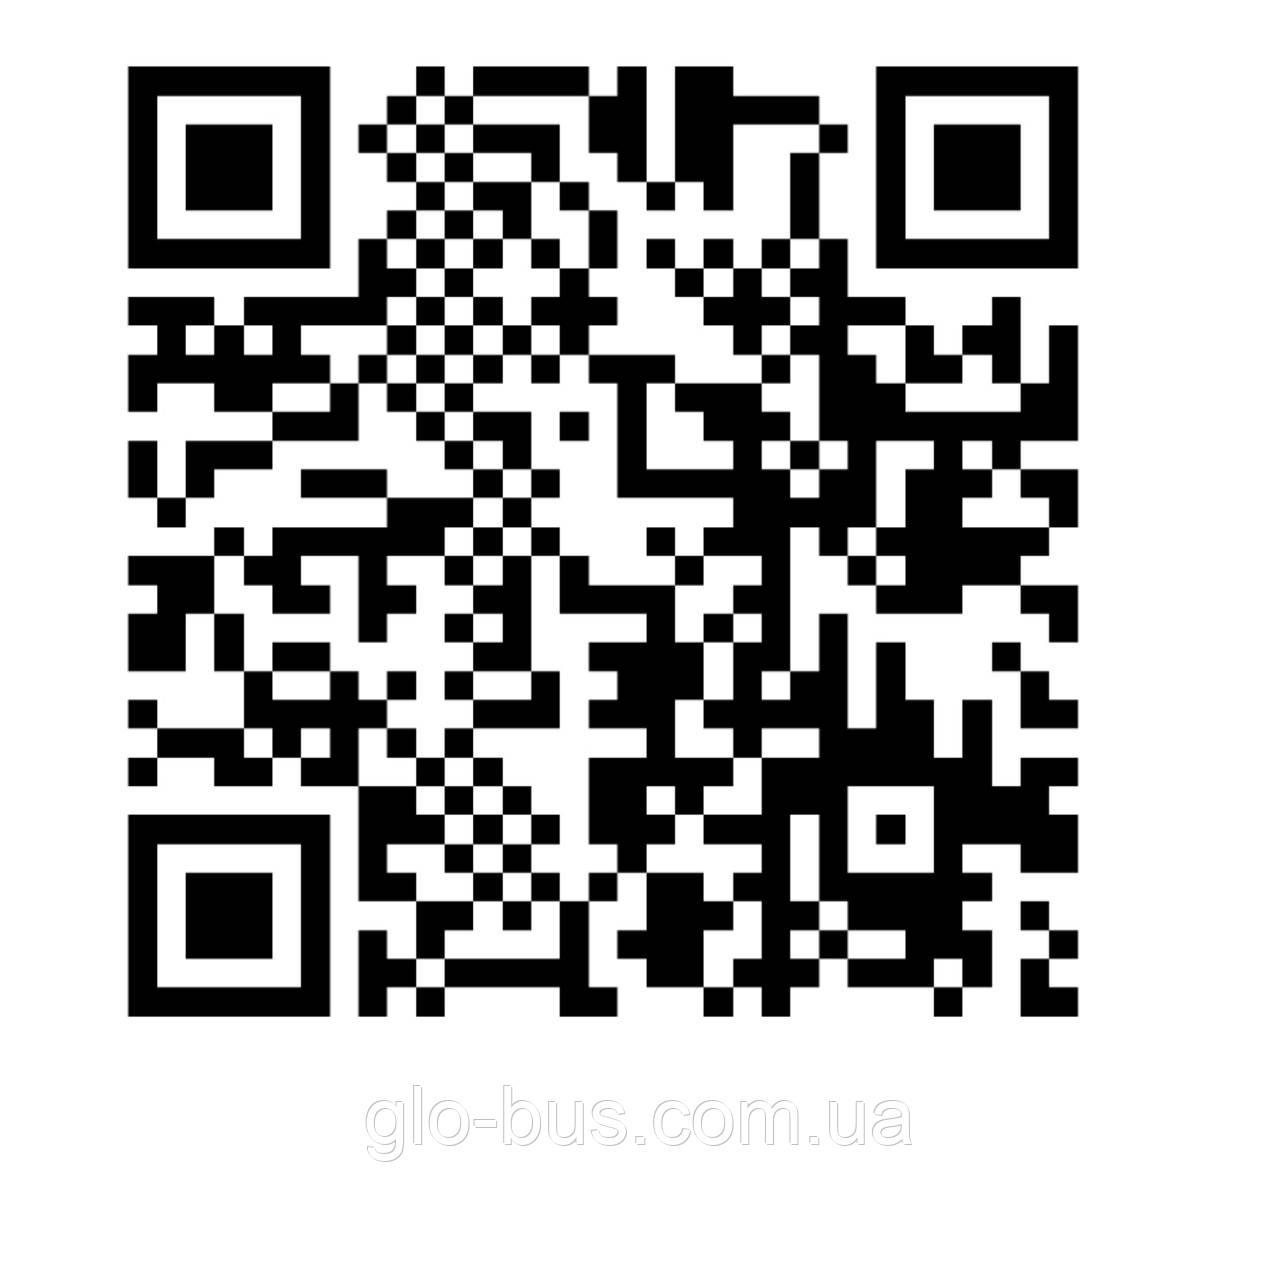 QR - Код для оплаты